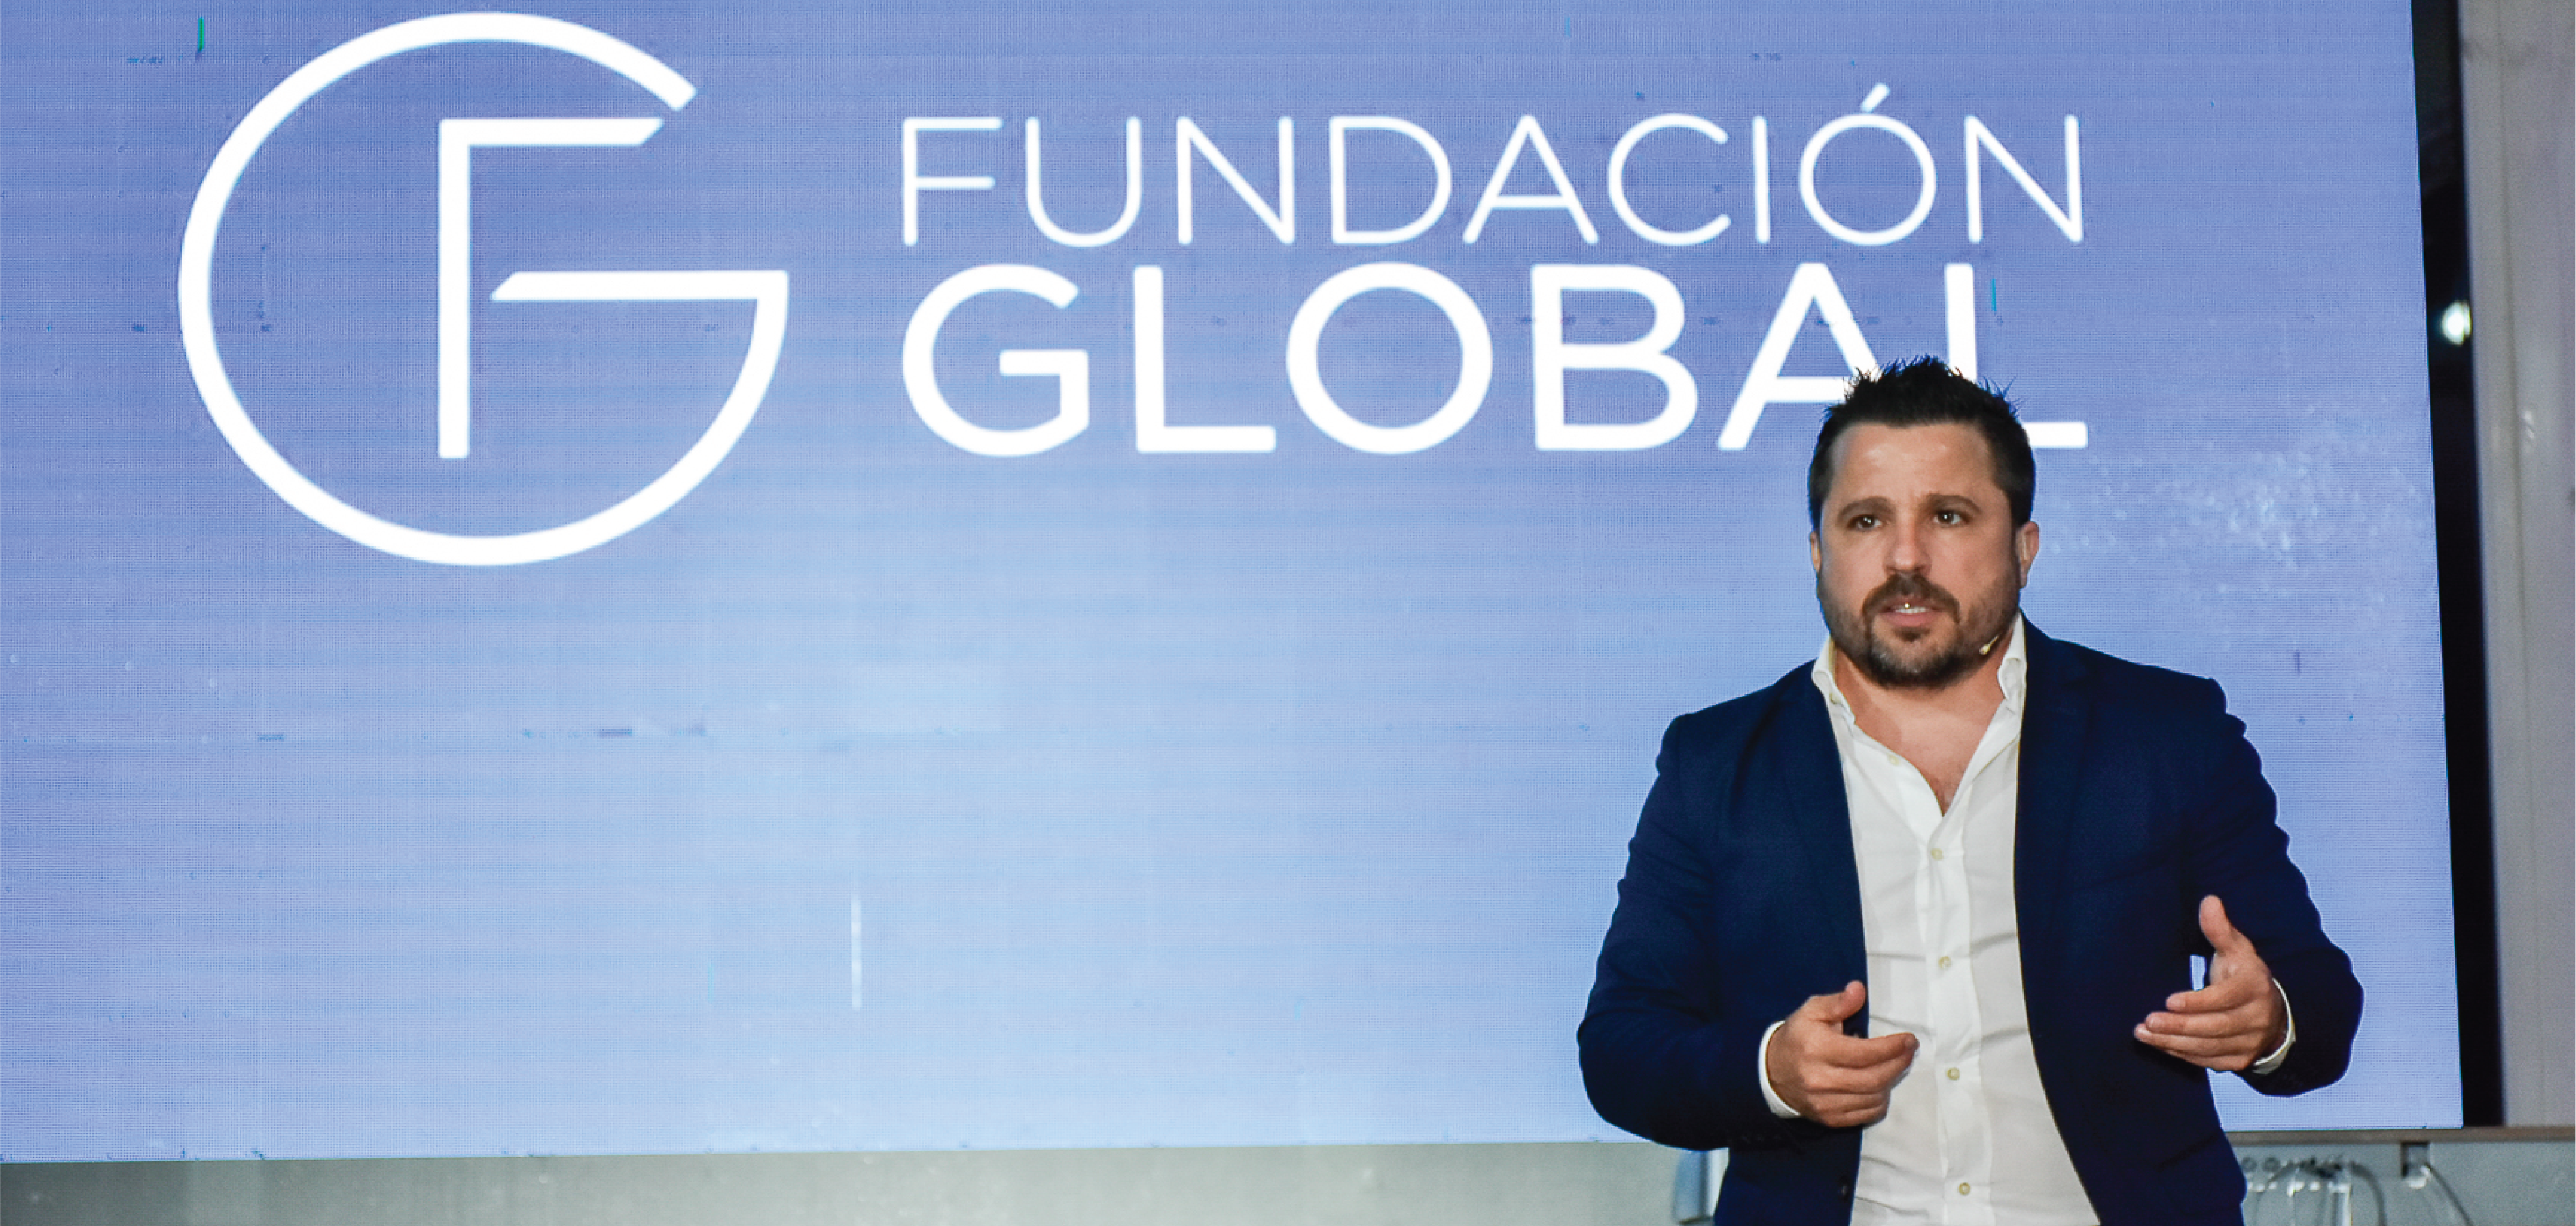 Fundación Global – Buenos Aires – Mar del Plata